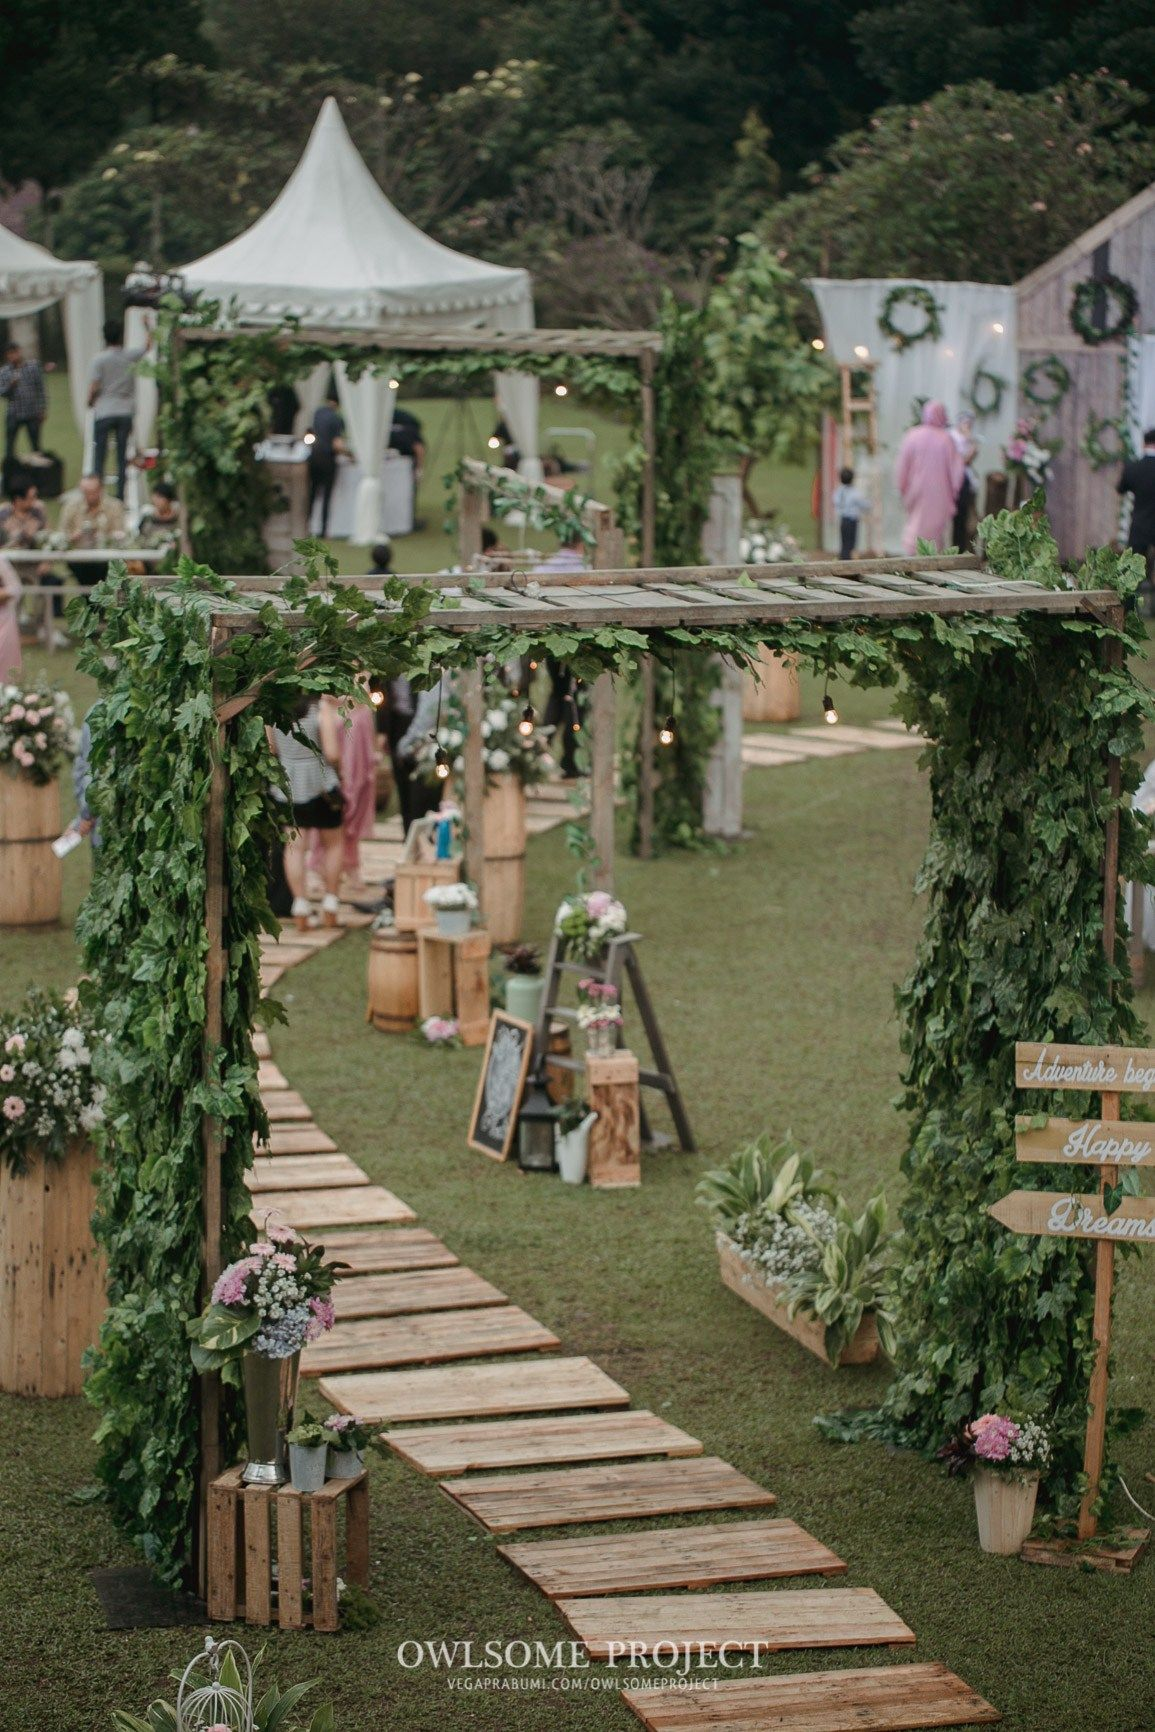 Pernikahan outdoor ala dhanita dan erik di bumi sangkuriang pernikahan outdoor ala dhanita dan erik di bumi sangkuriang owlsome of junglespirit Image collections